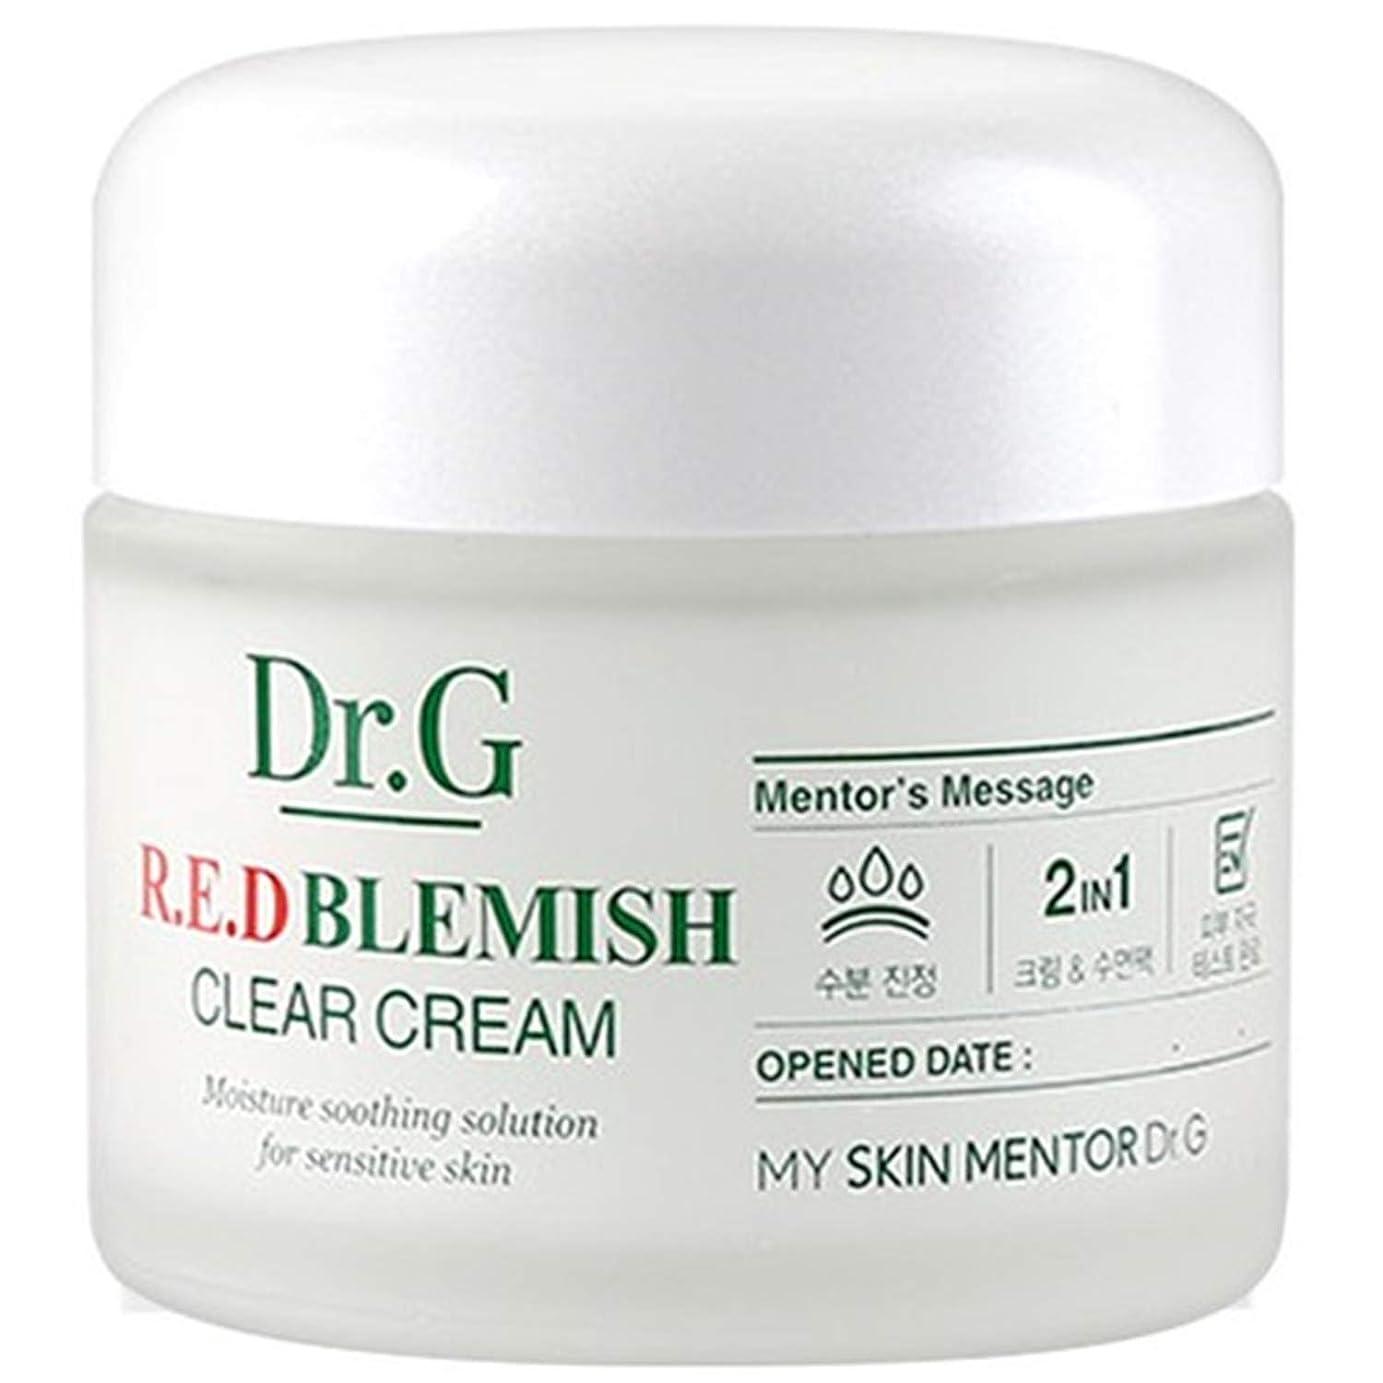 アクセス複数判決Dr. Red Blemish Clear Cream ドクタージー レッド ブレミッシュ クリアー クリーム